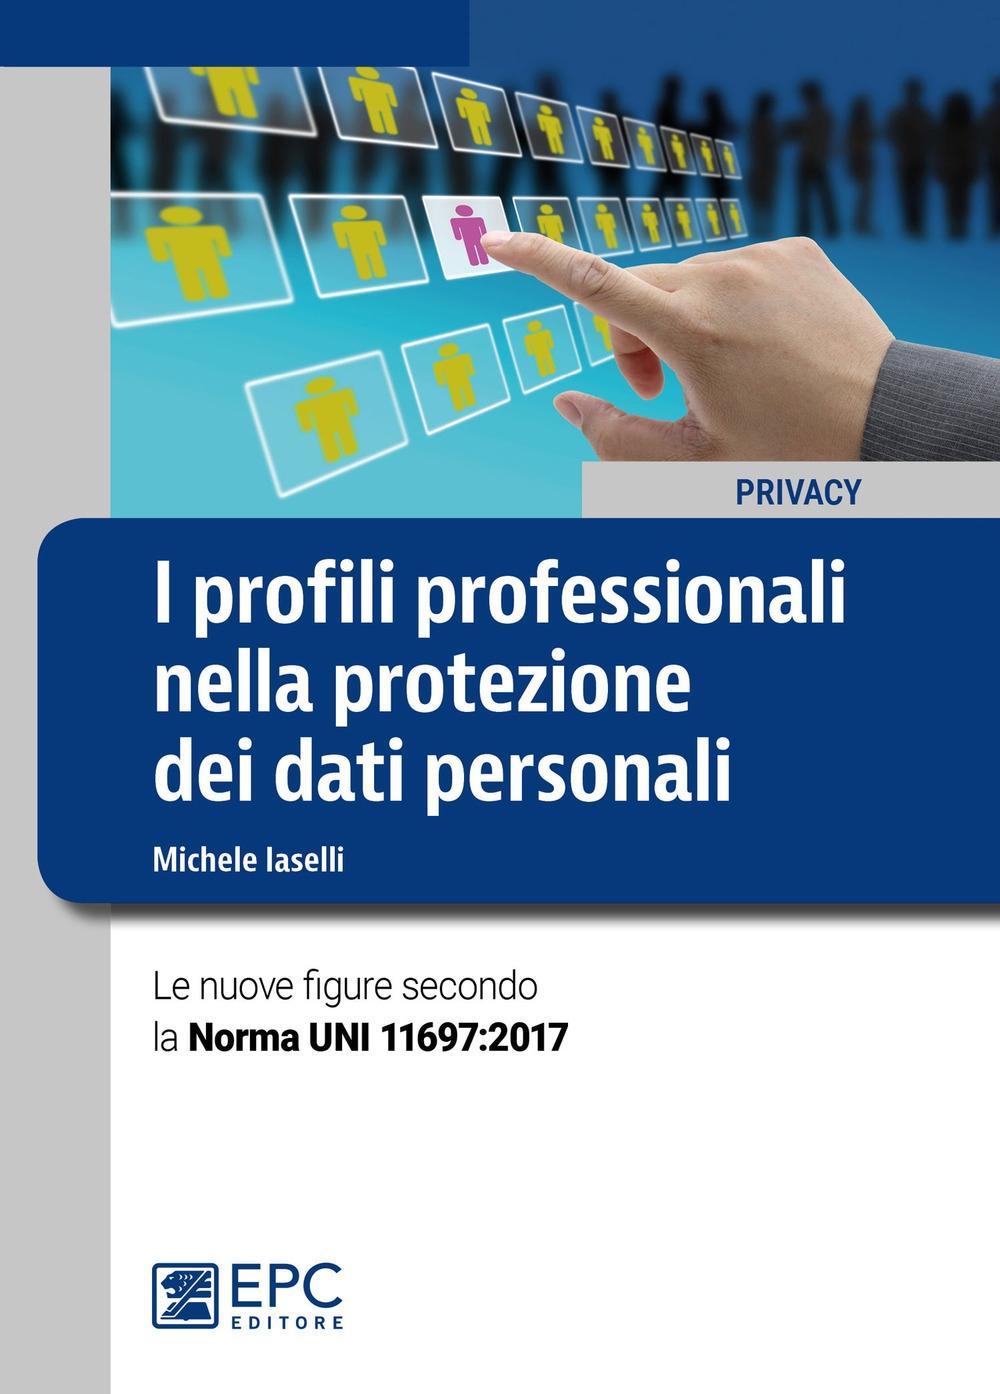 I profili professionali nella protezione dei dati personali. Le nuove figure secondo la Norma UNI 11697:2017